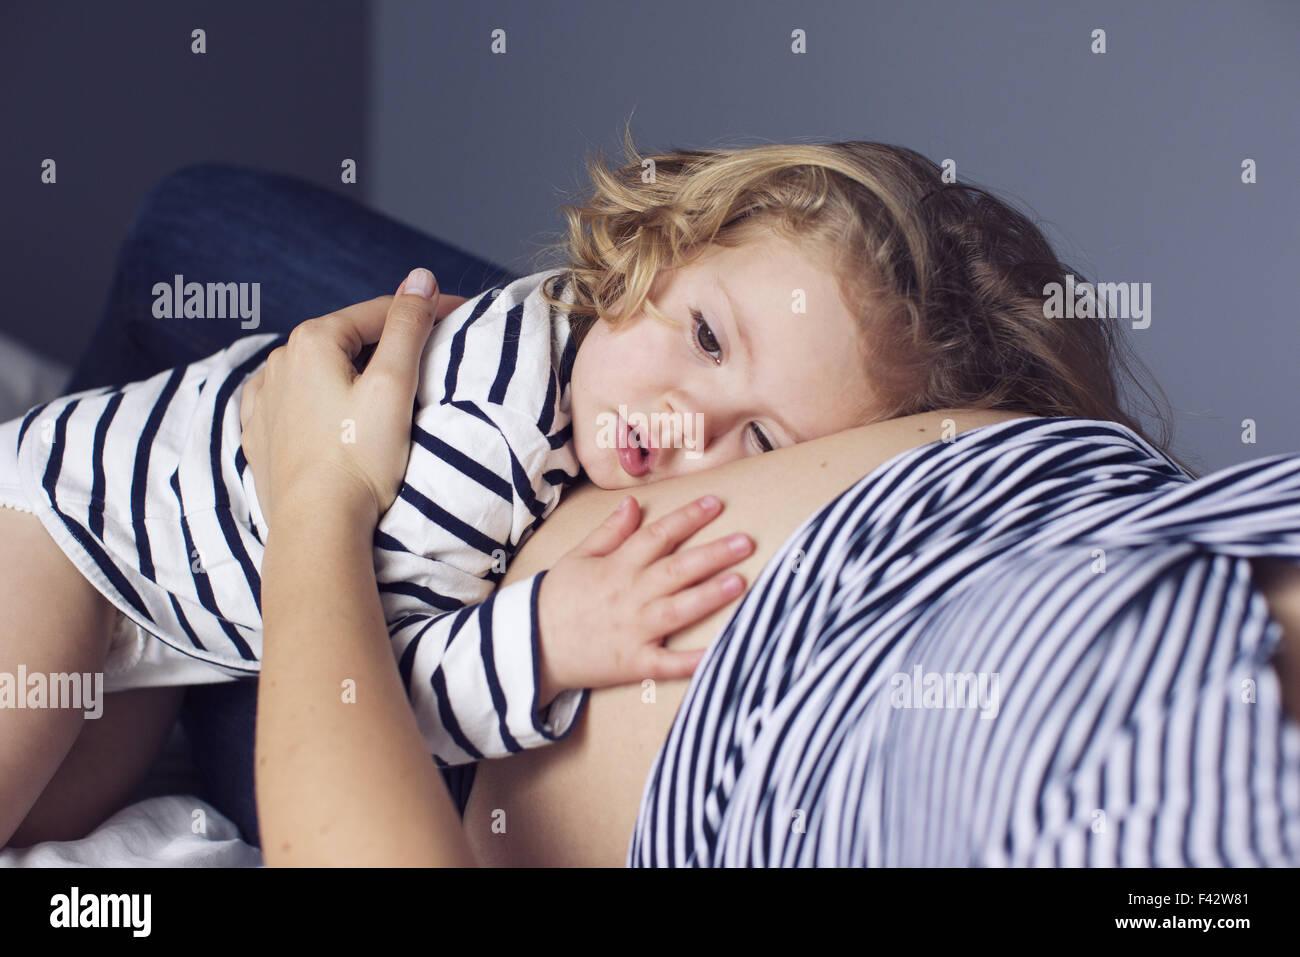 Pequeña Muchacha apoyando la cabeza y mano en la madre embarazada estómago Imagen De Stock